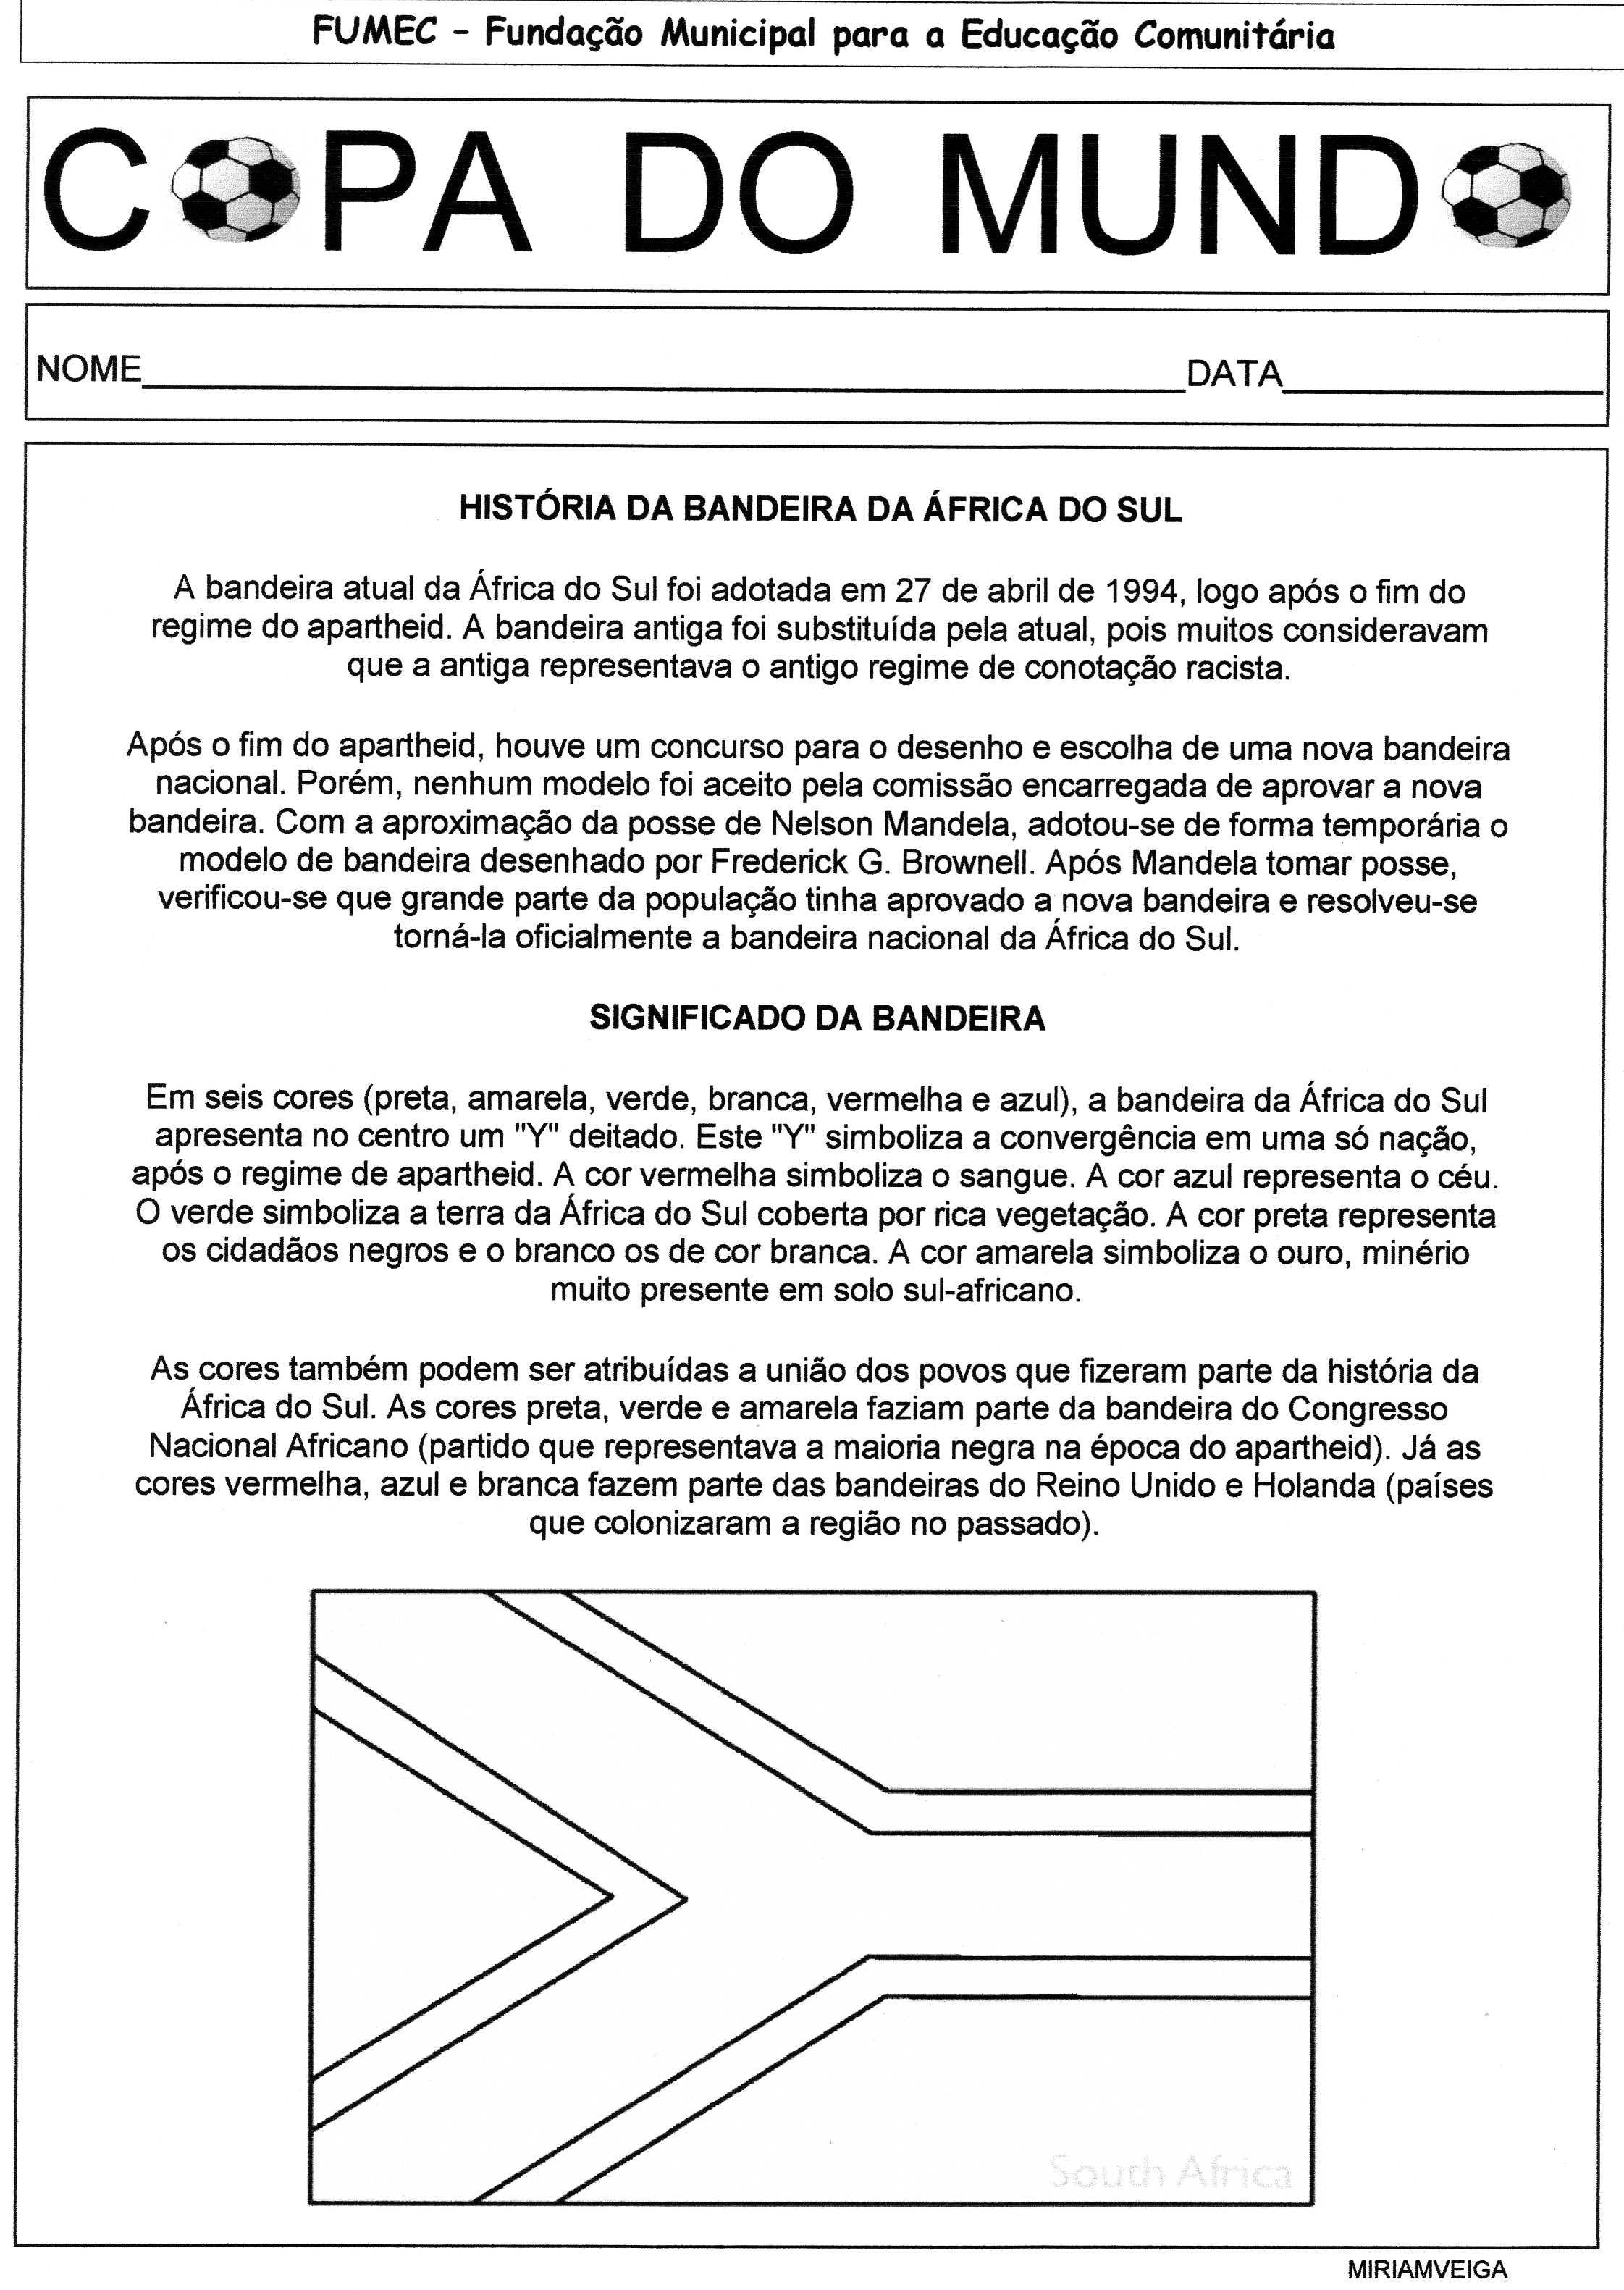 projeto-copa-10.jpg